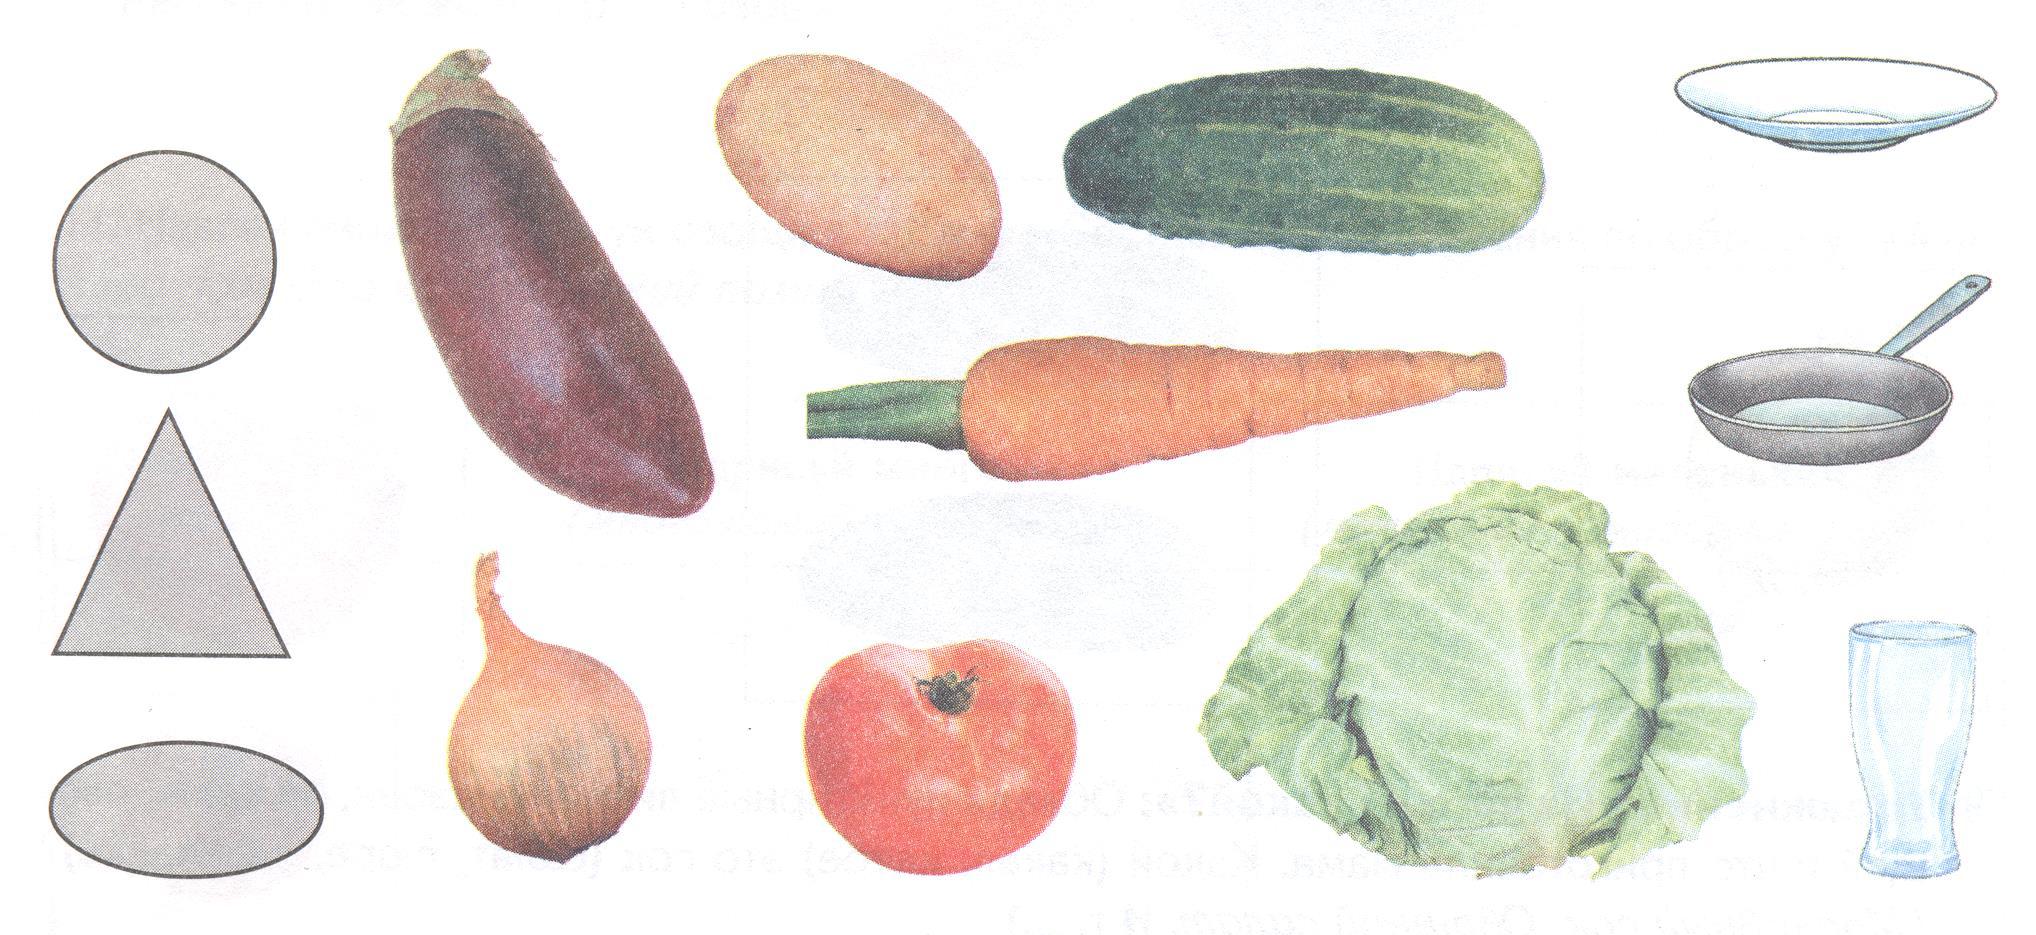 обязанности формы овощей в картинках означает имя